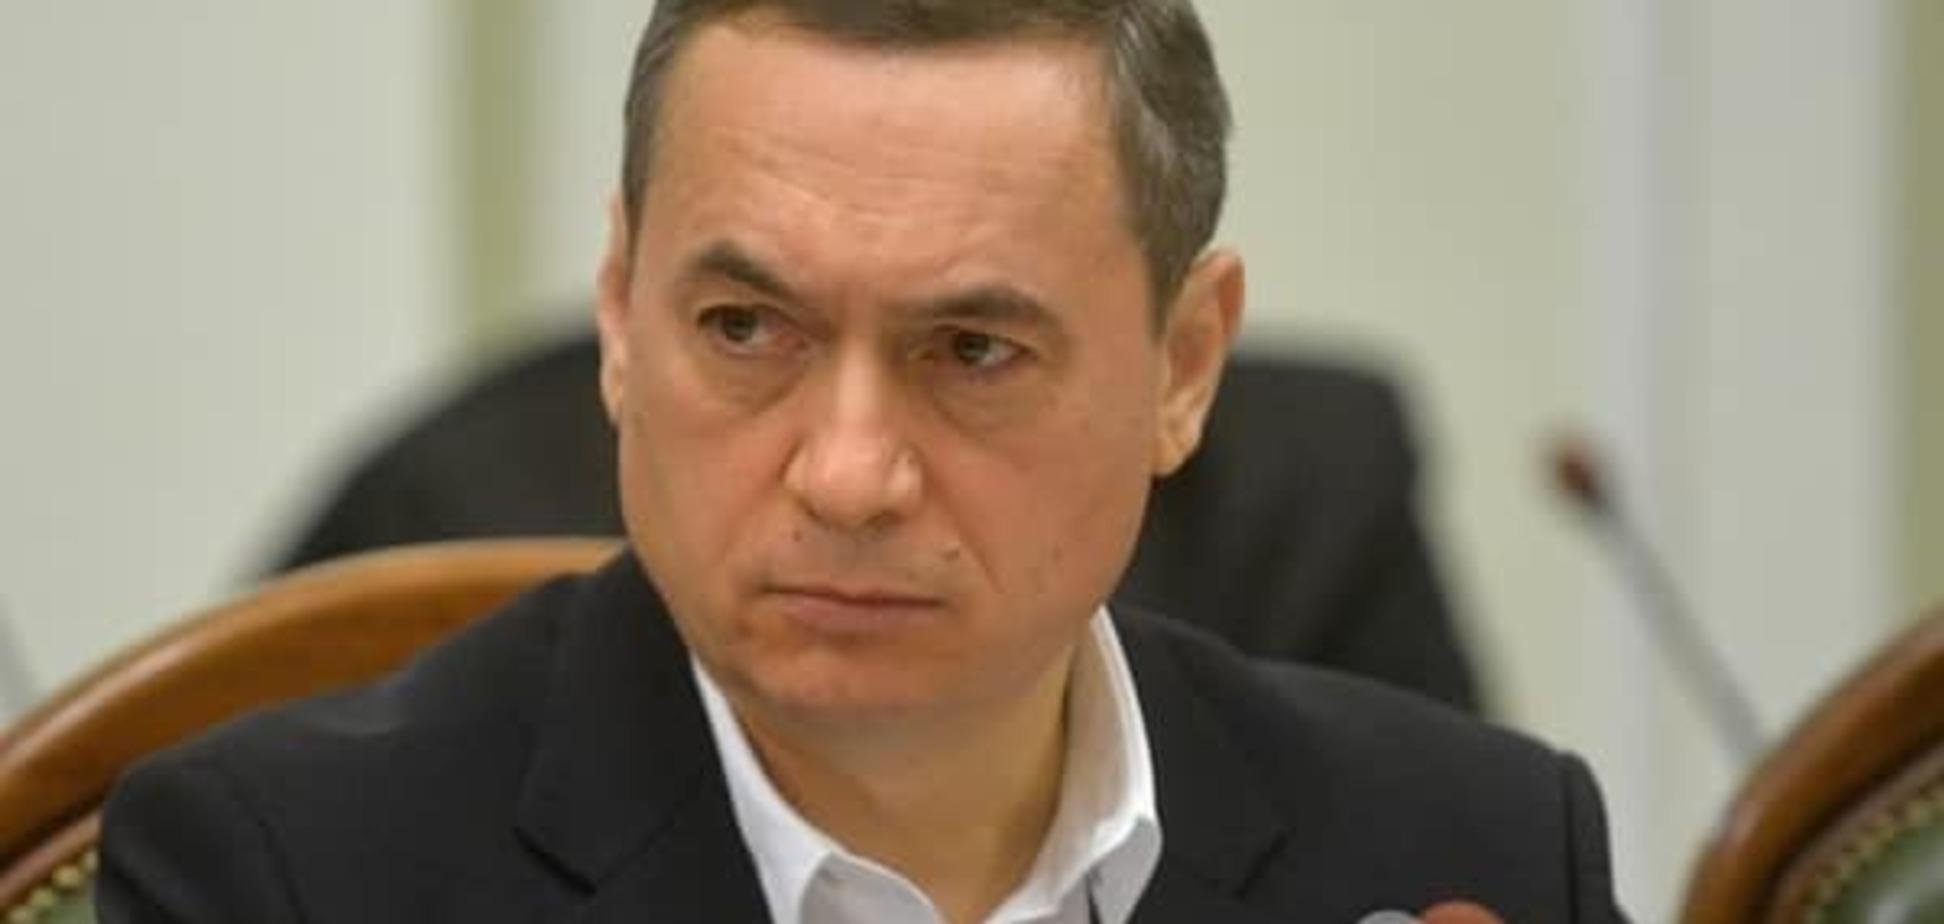 Чому Мартиненко здає мандат: корупційні скандали навколо соратника Яценюка